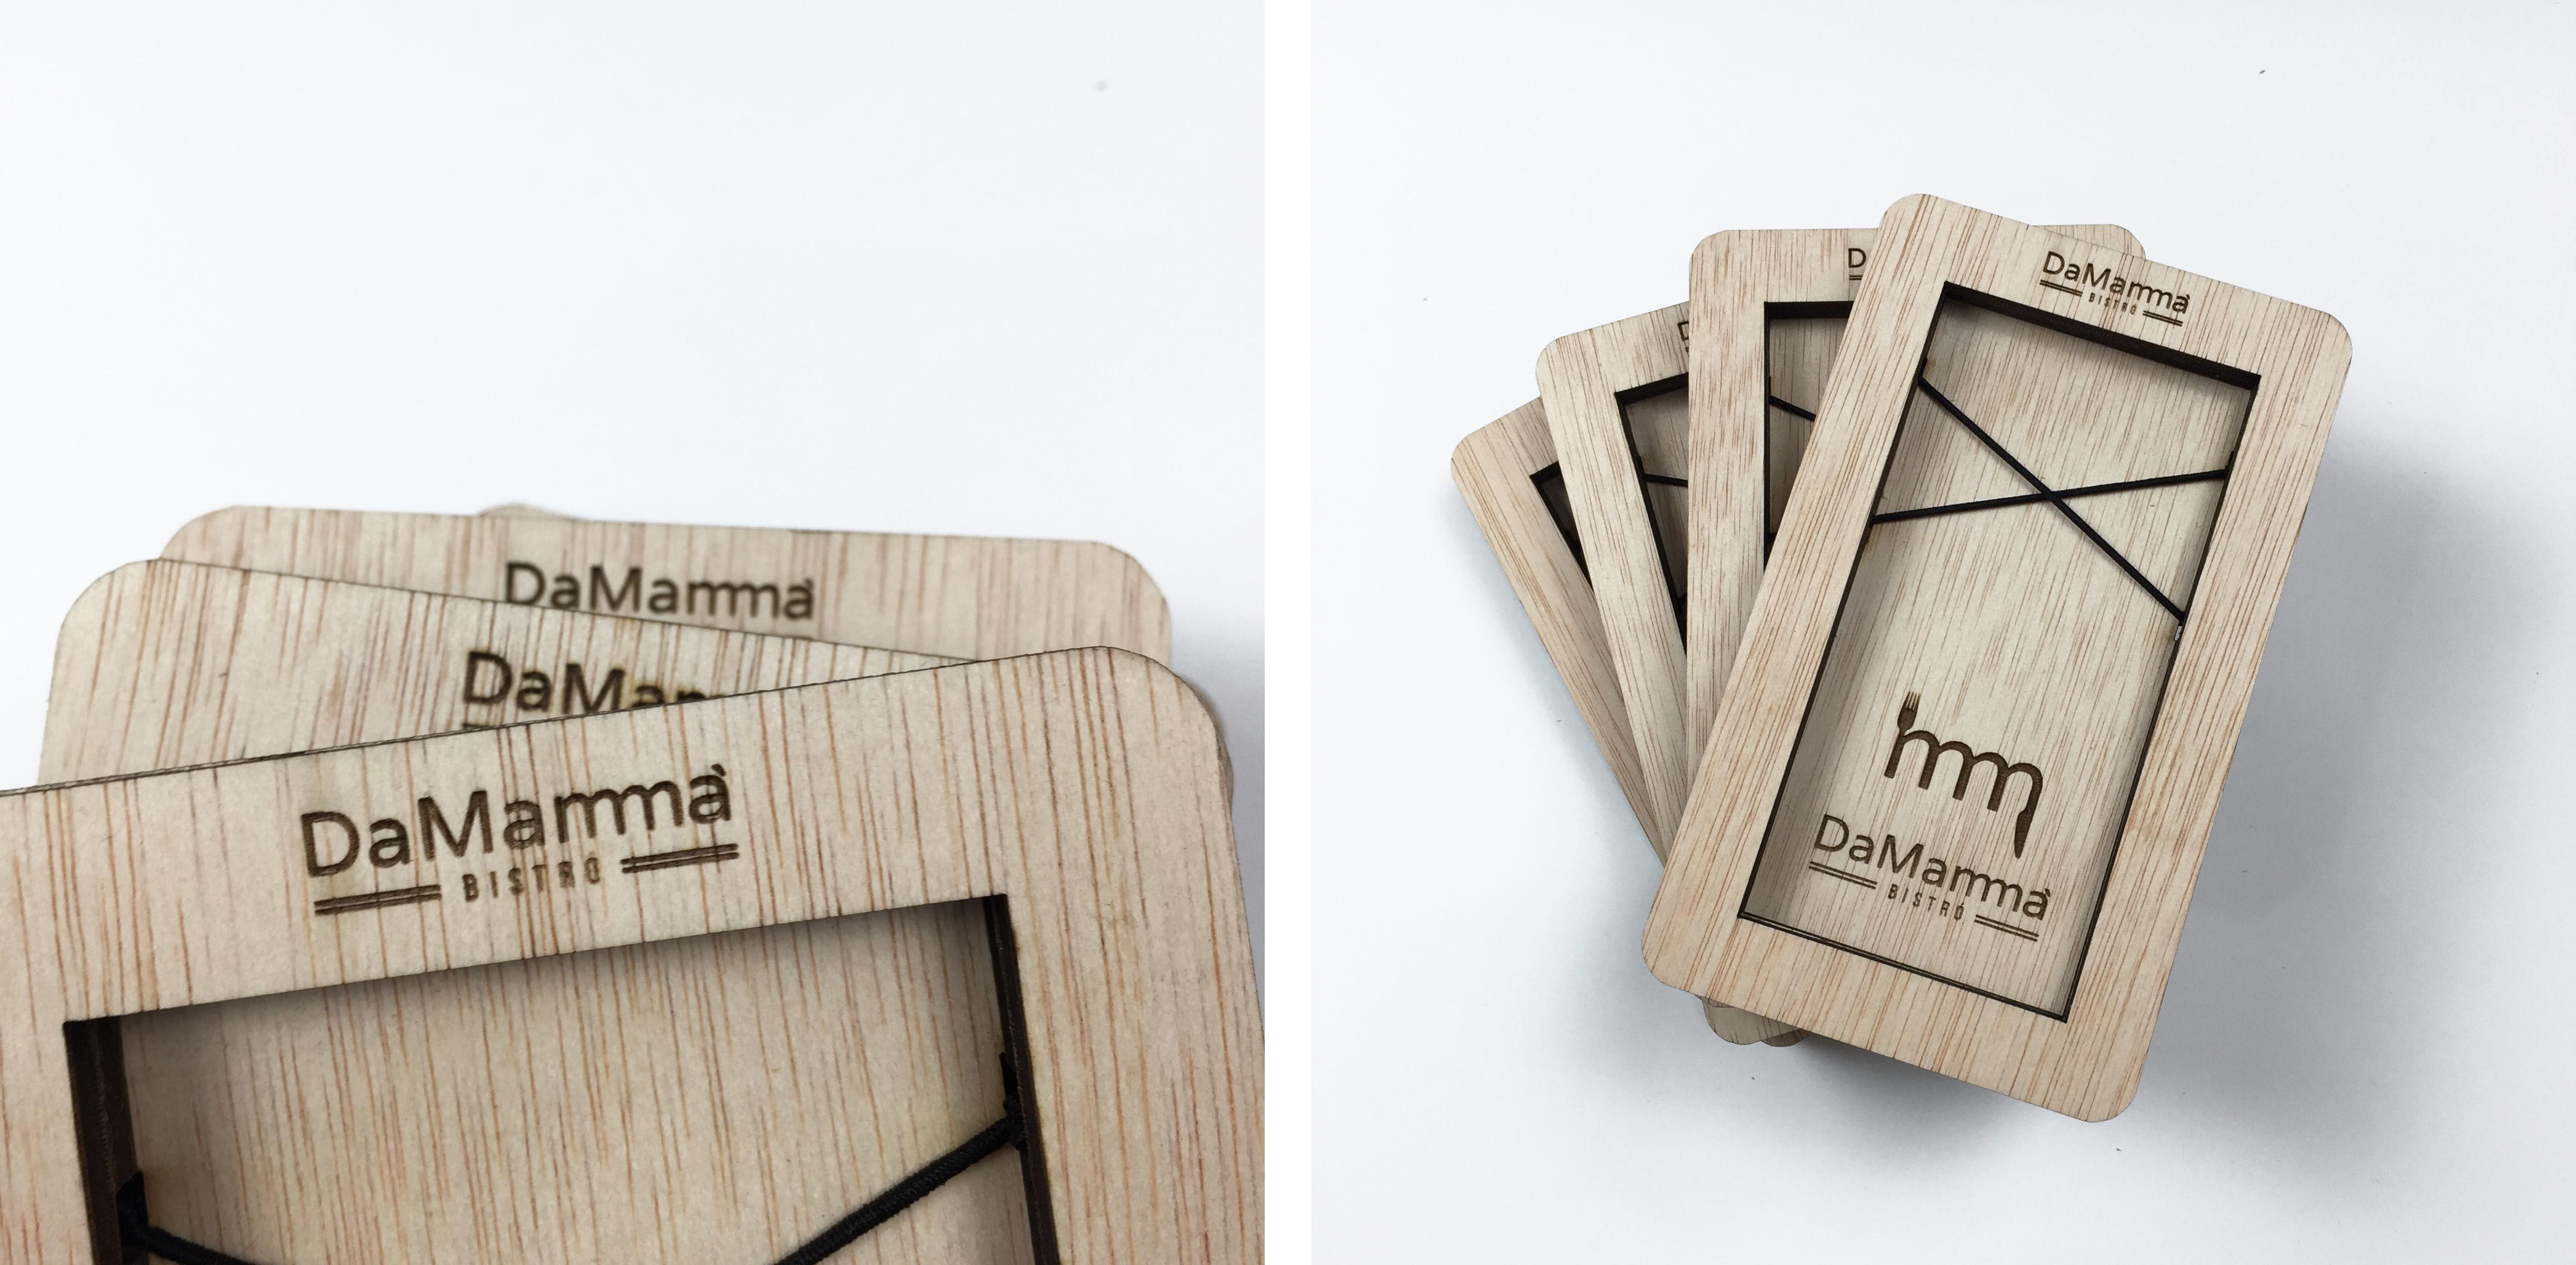 archicercle - damamma caja cobrar